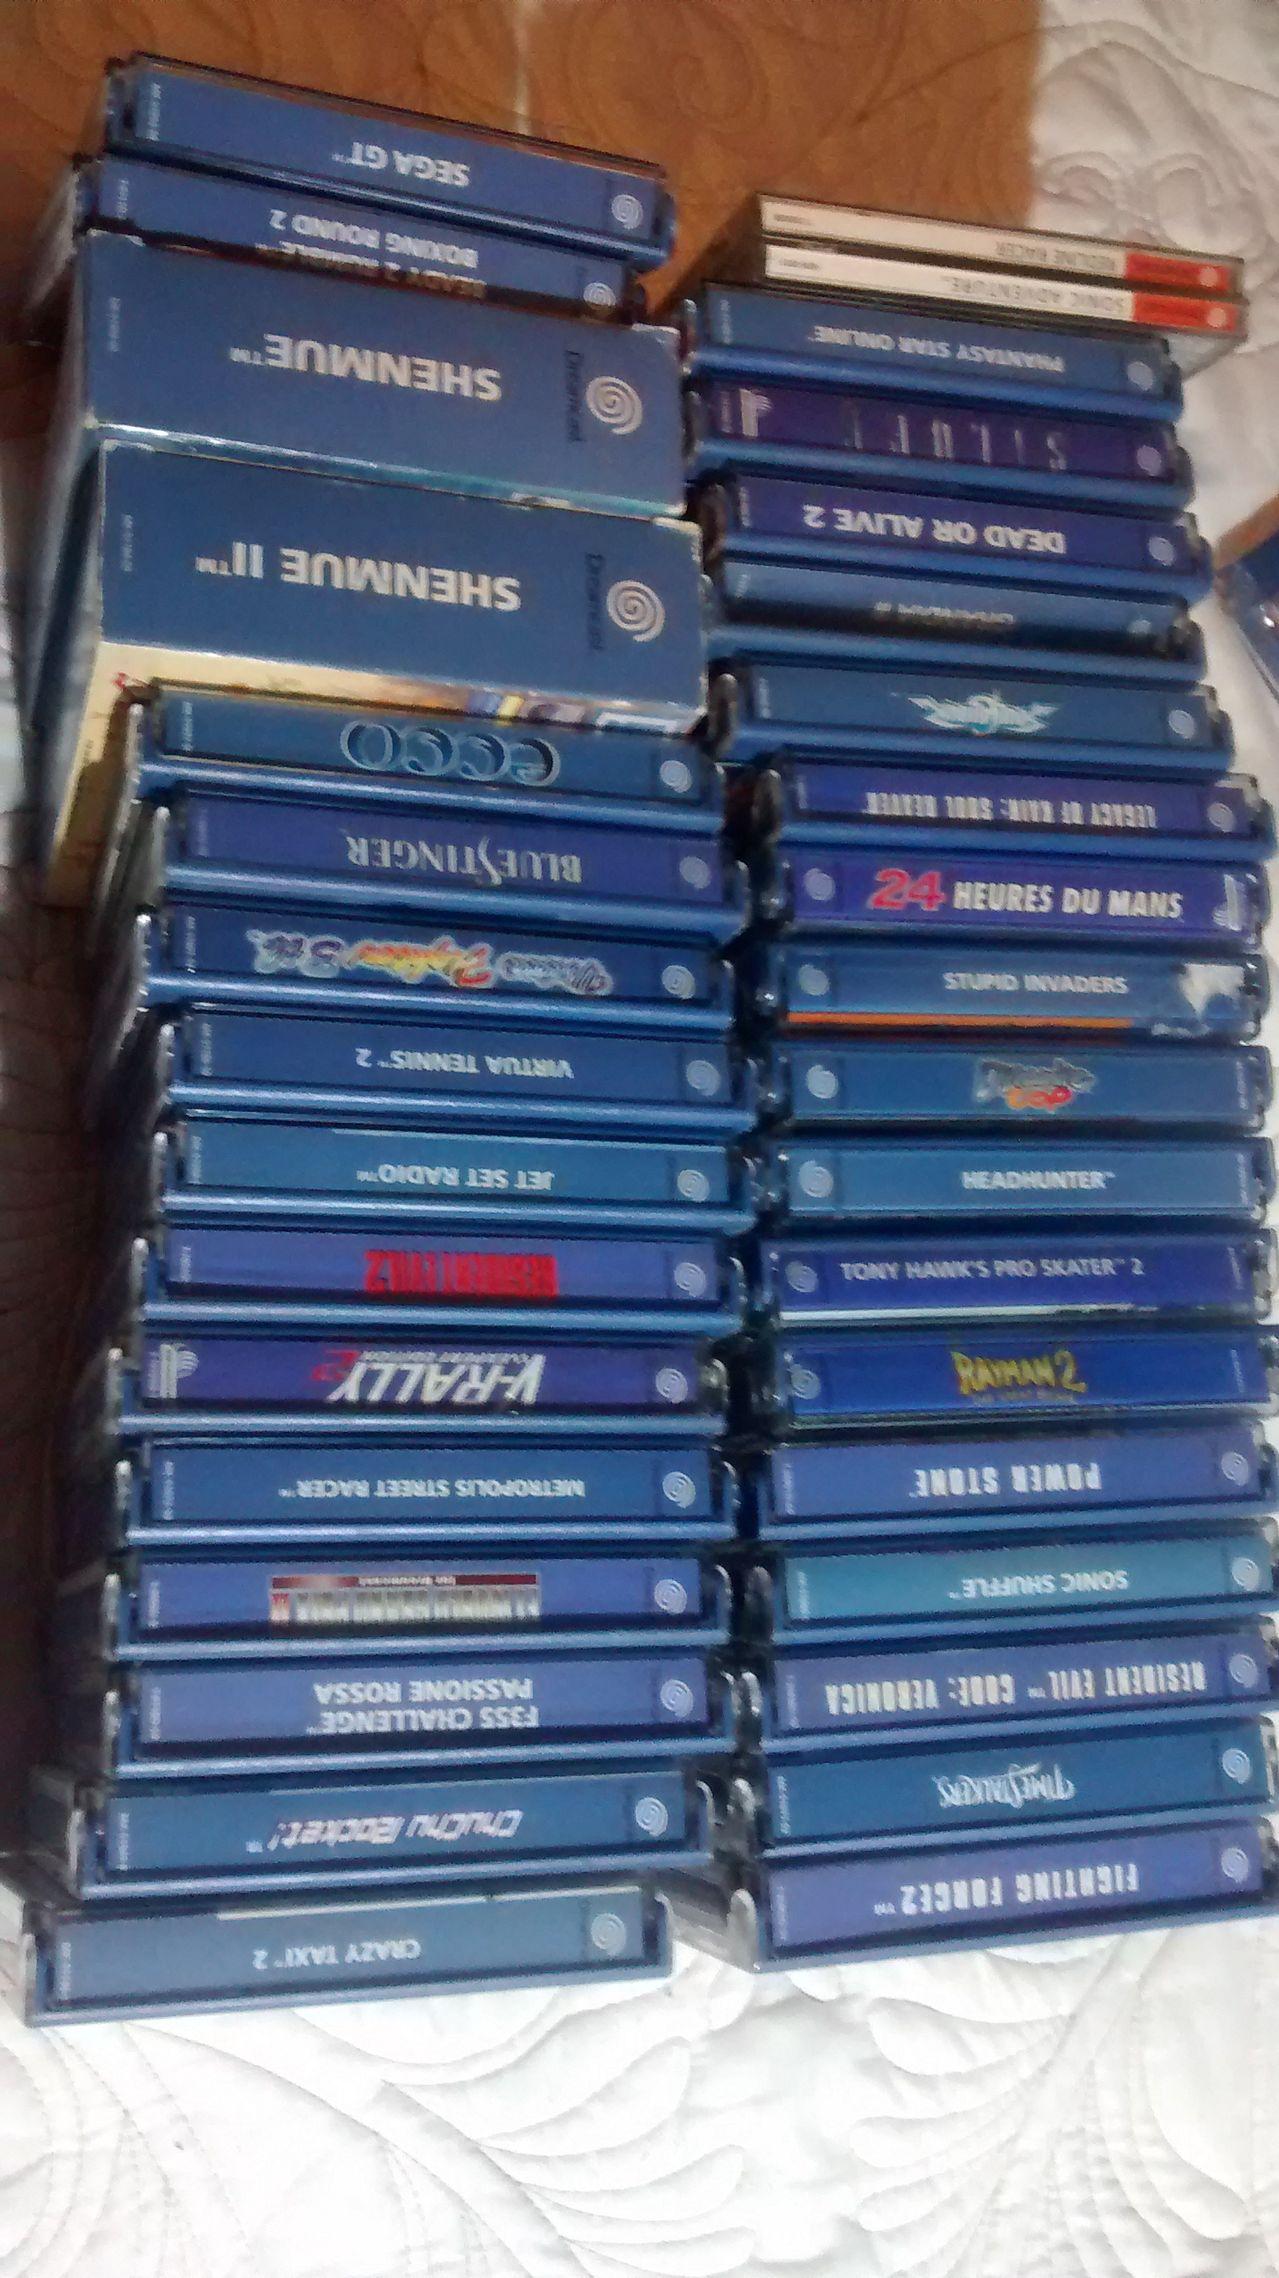 [Vds] Lot Dreamcast - MS/MD et Saturn Update 18/01 ajout Jeux Sat Jap IMG_20160108_200545121_1